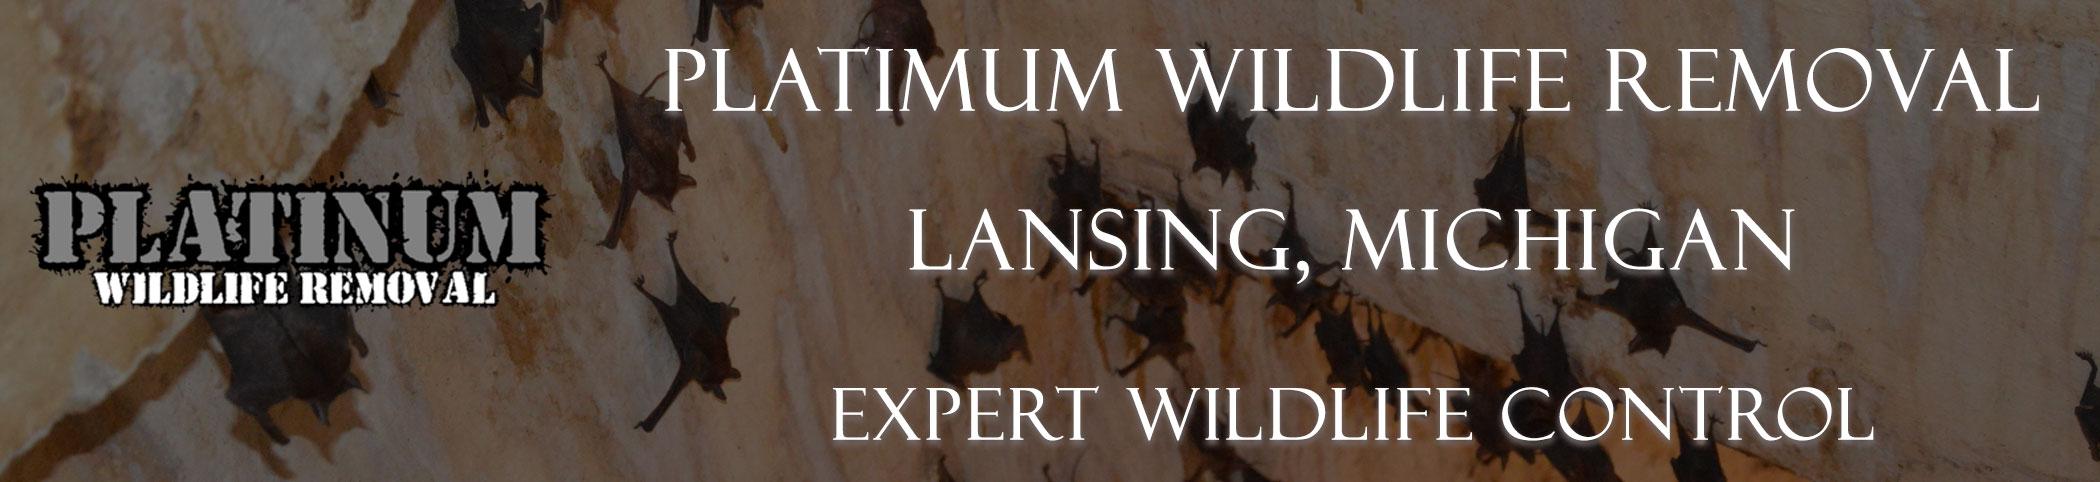 Lansing-Platinum-Wildlife-Removal-michgan